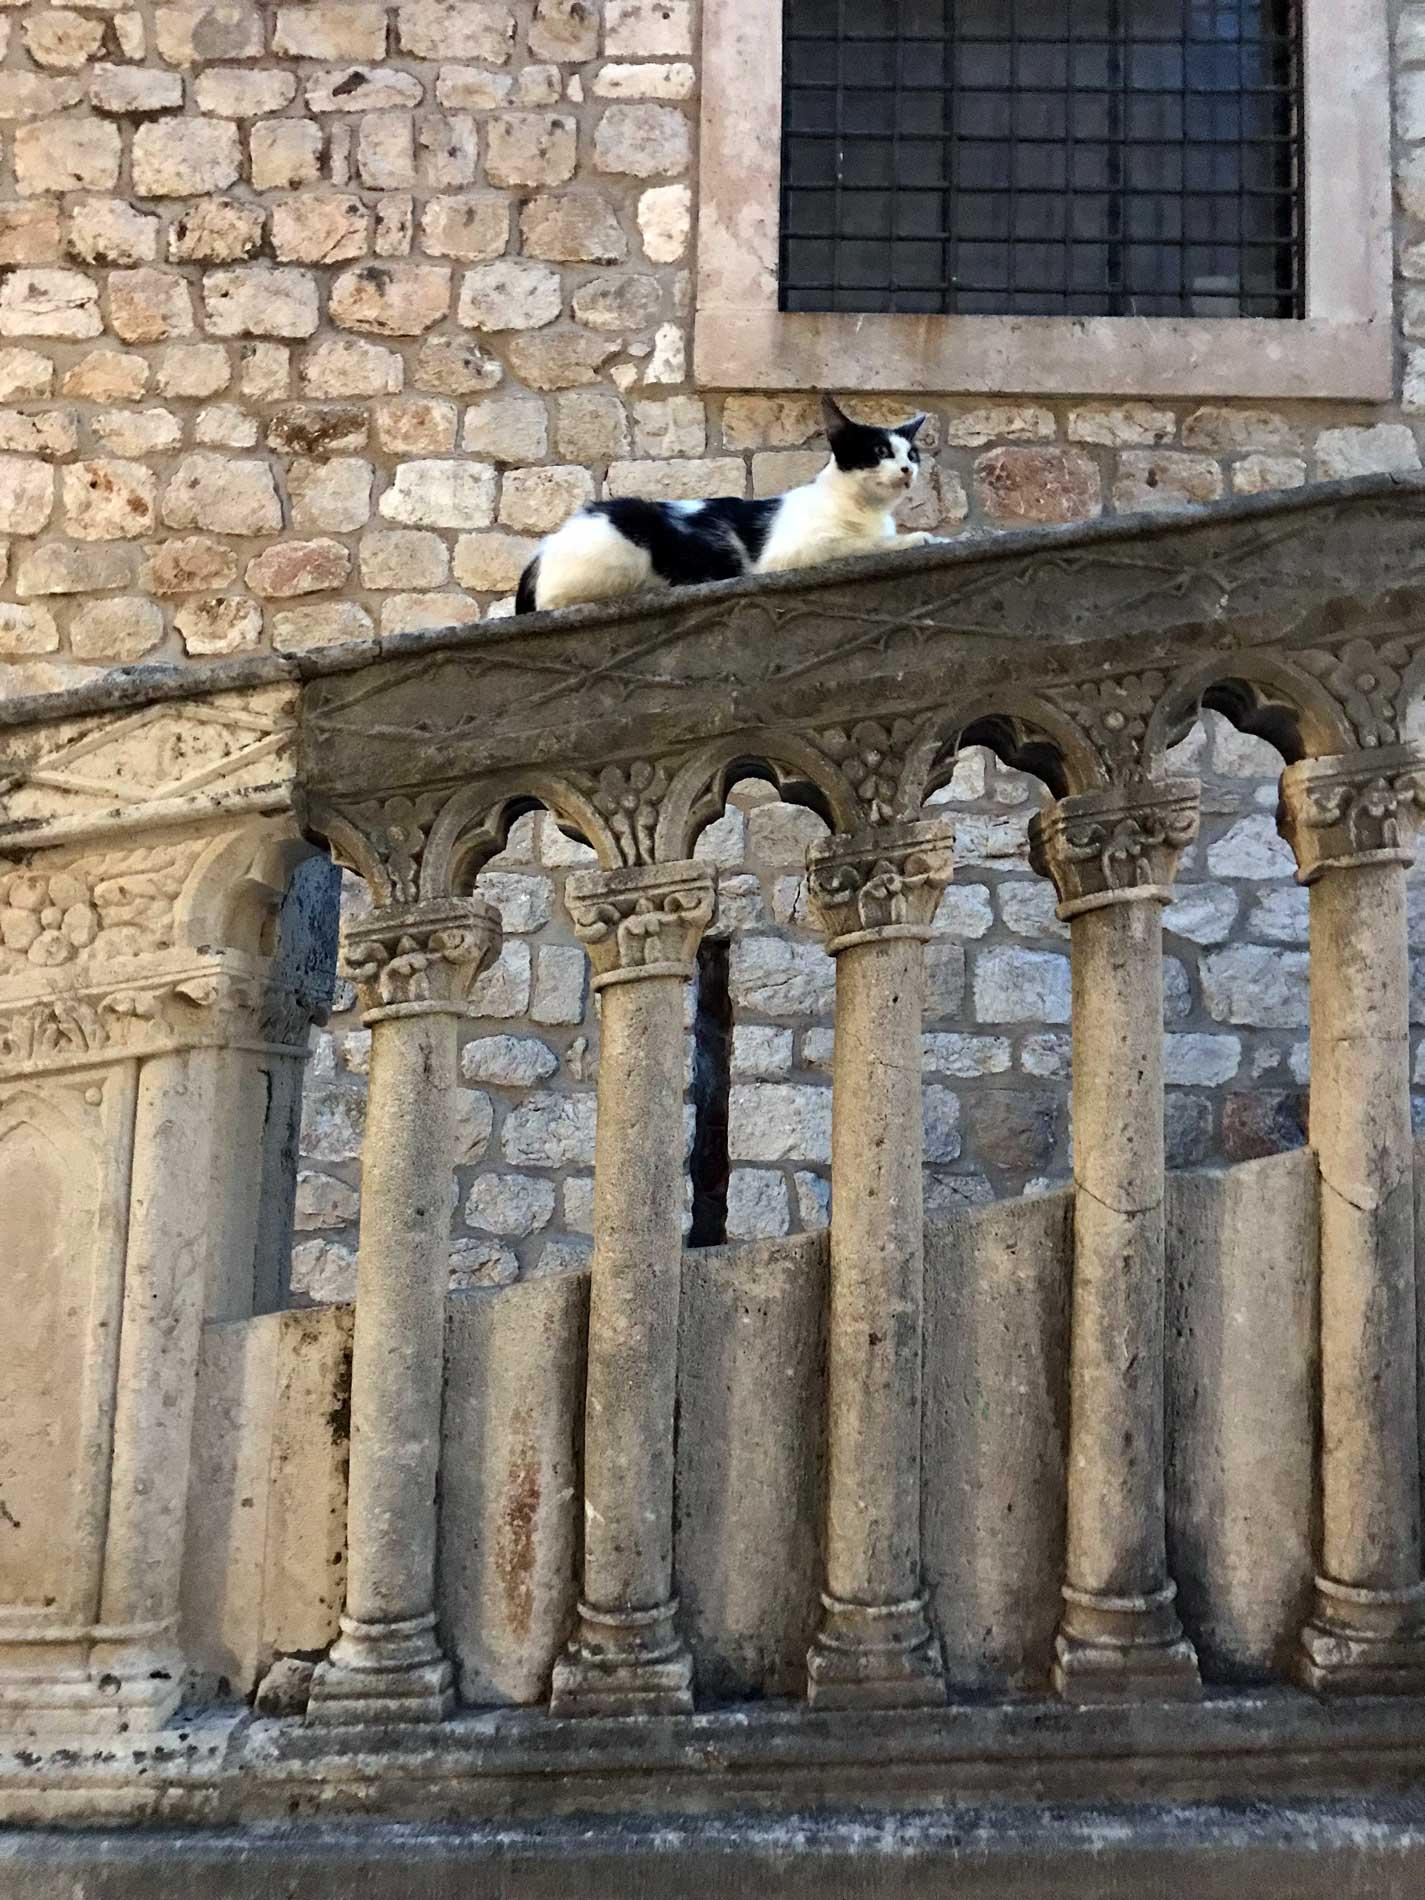 Dubrovnik-Croazia-monastero-dei-benedettini-gatto-sulla-balaustra